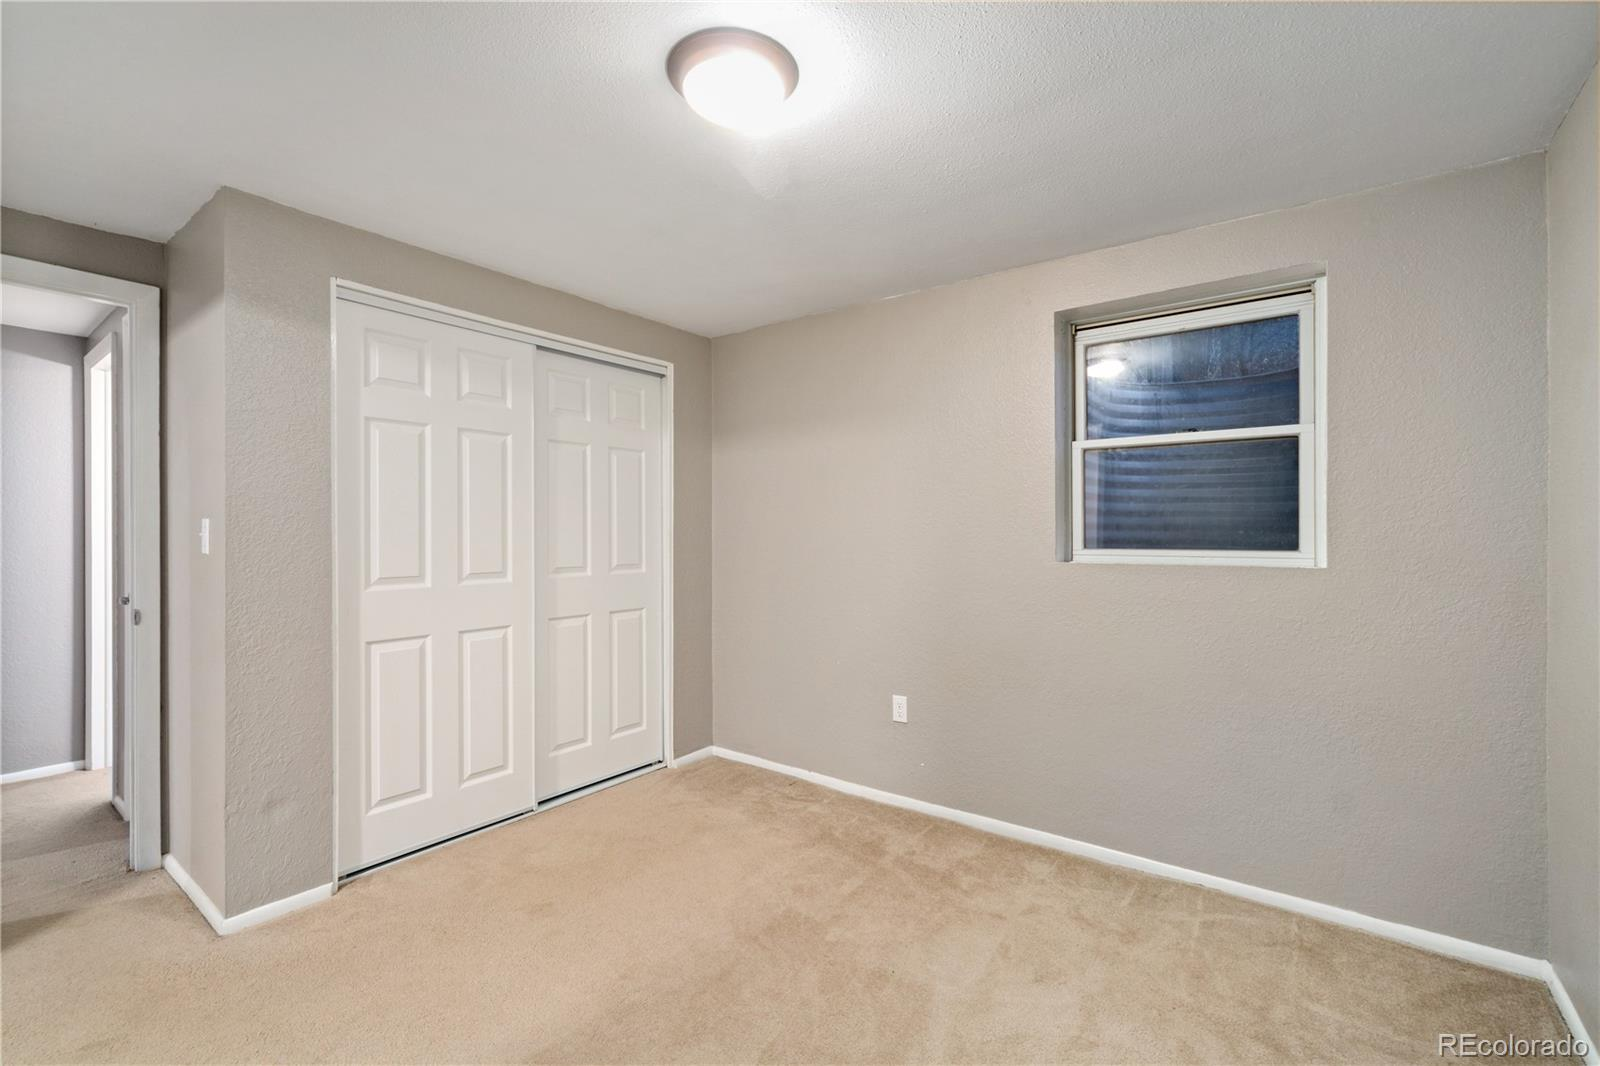 MLS# 8982790 - 14 - 735 S Braun Street, Lakewood, CO 80228